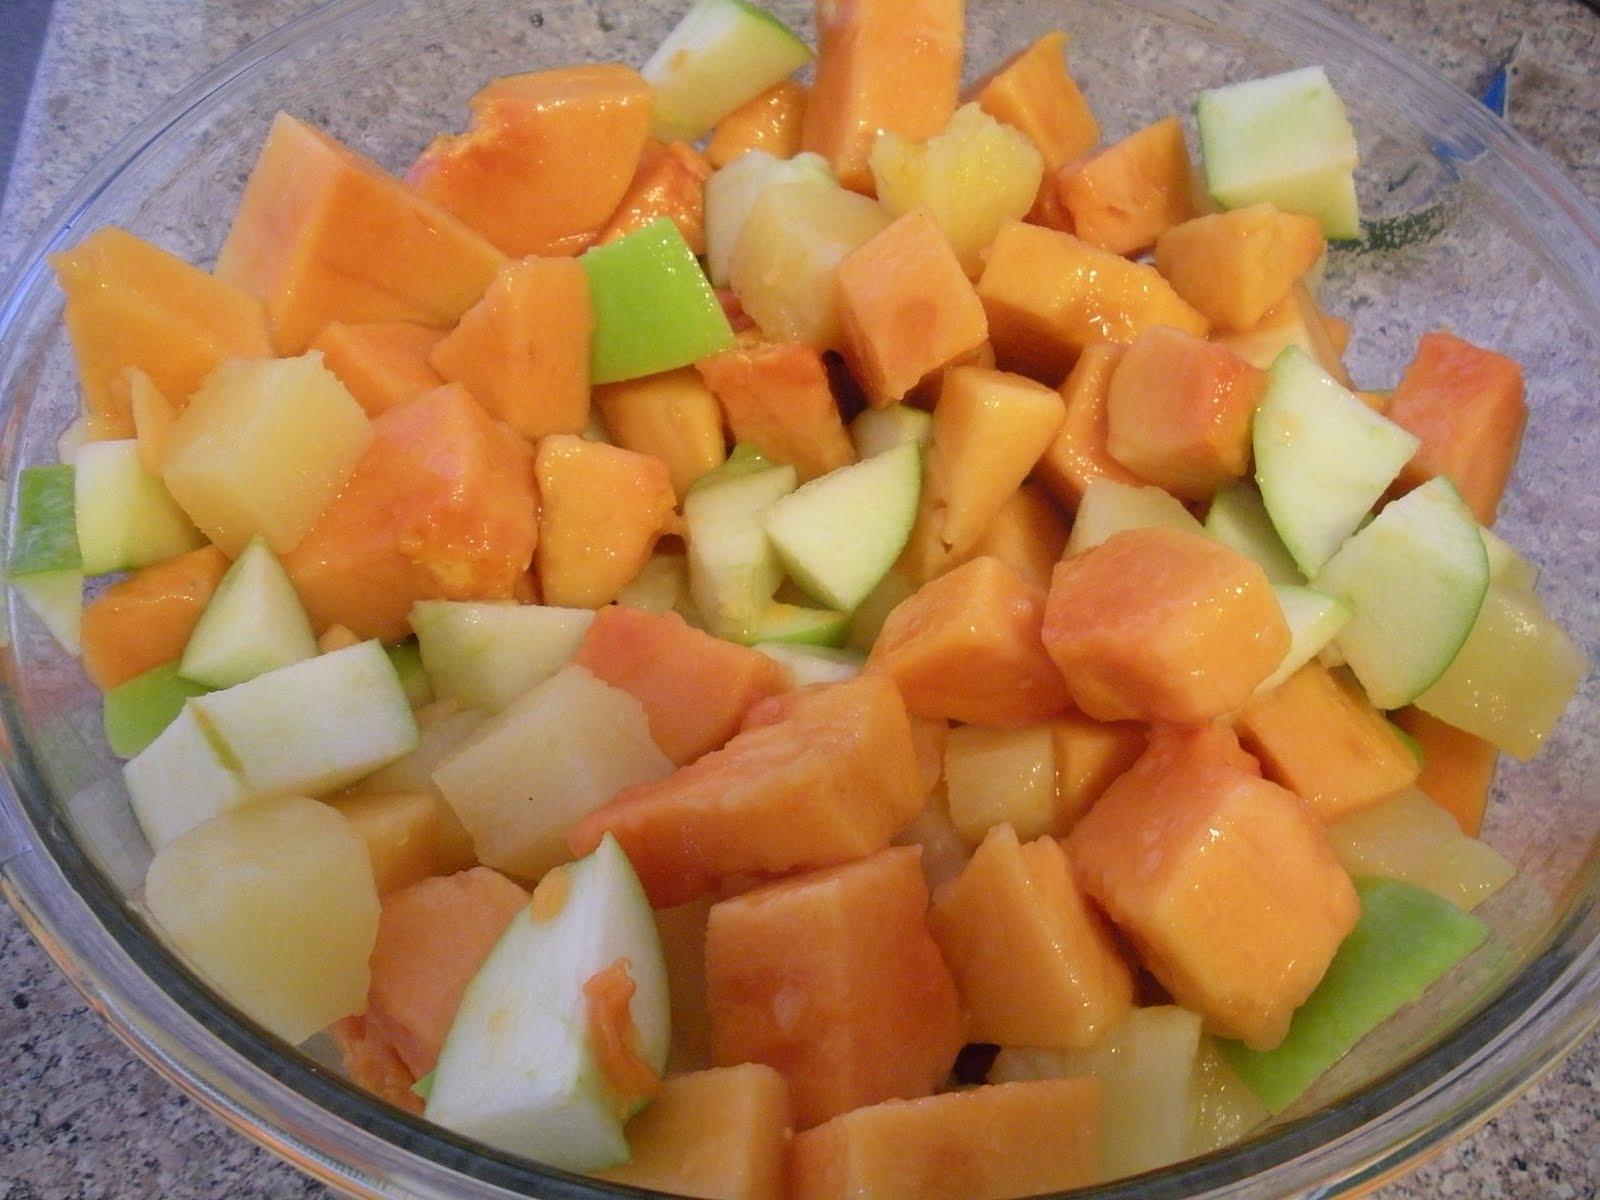 Apples and Papaya